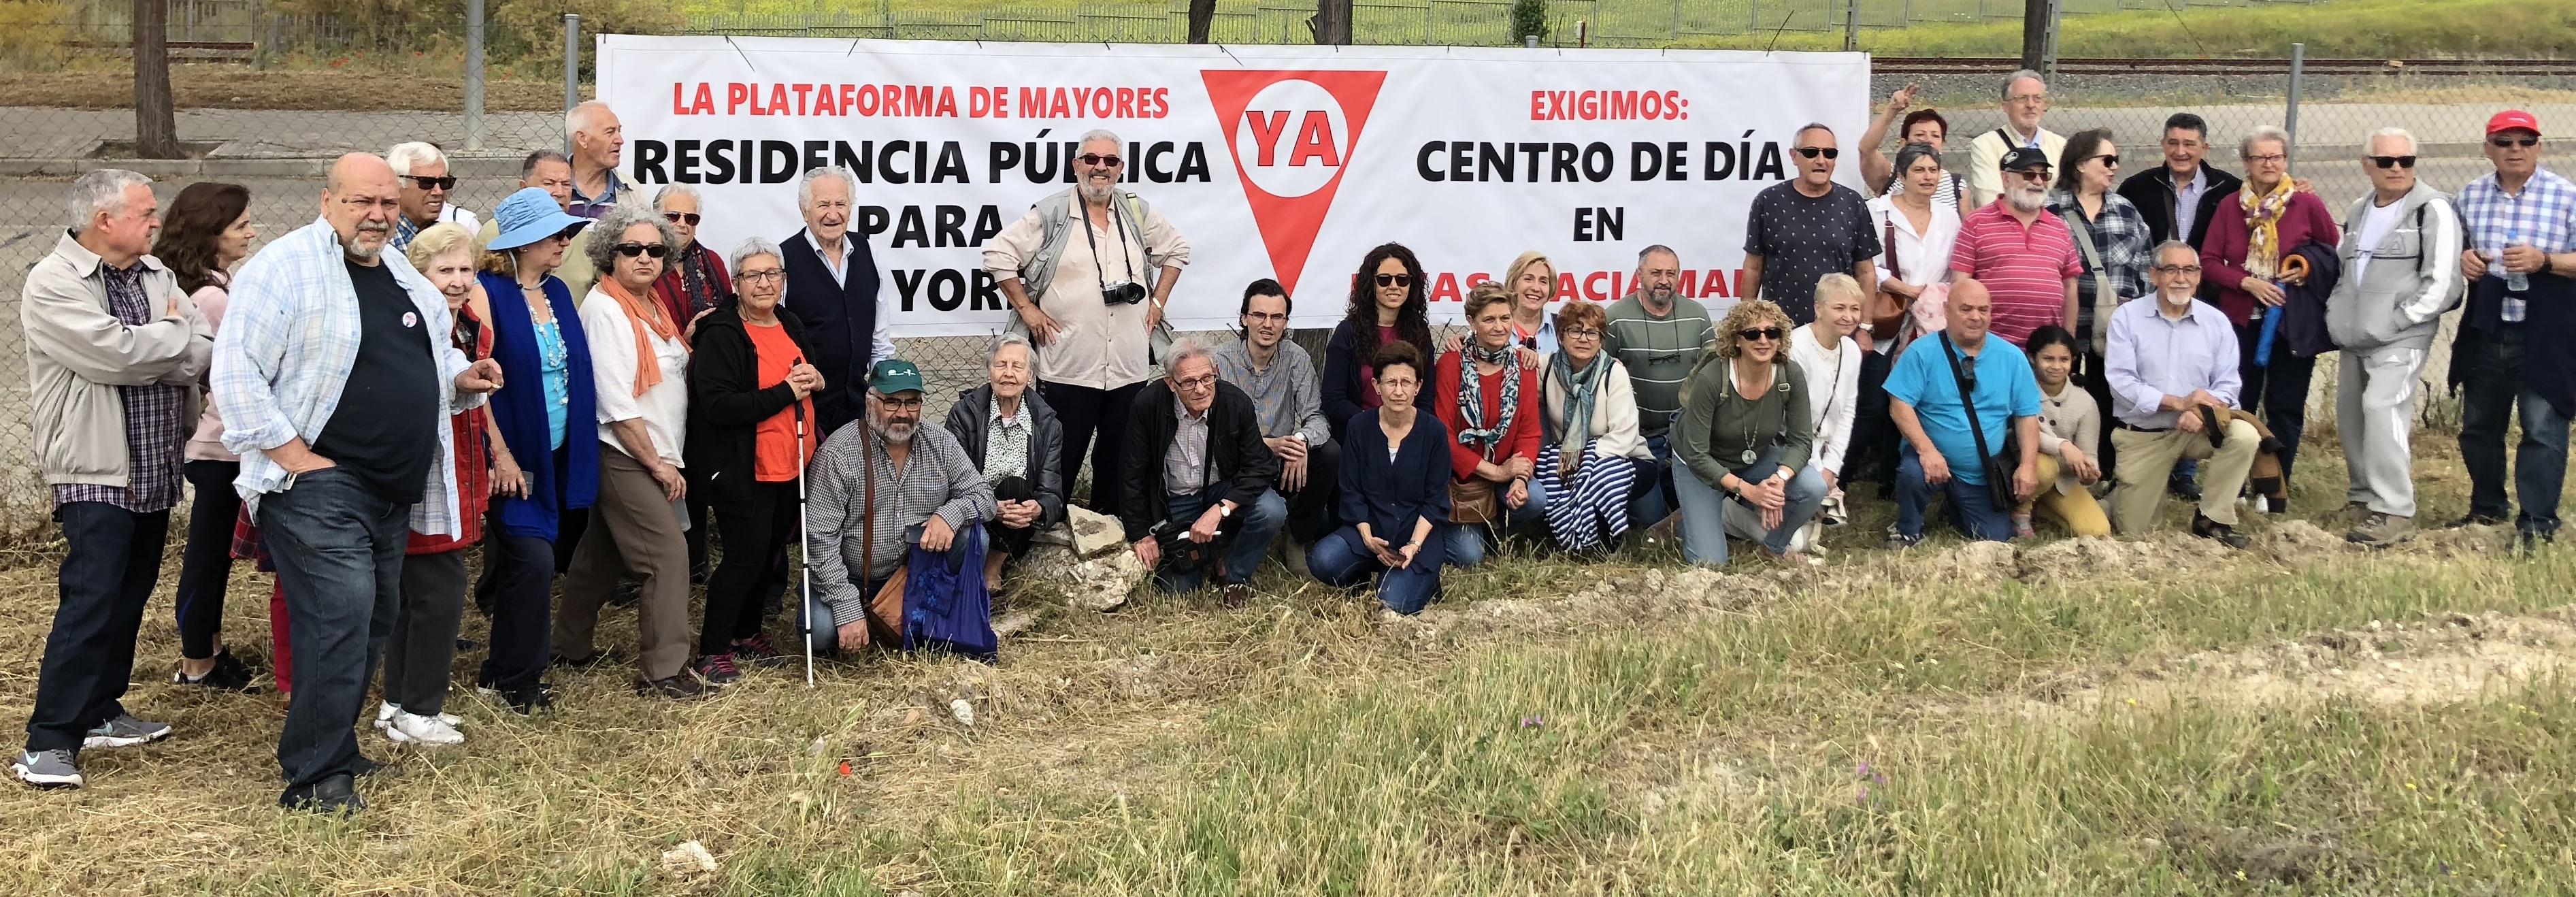 Por una residencia y Centro de Día públicos en Rivas